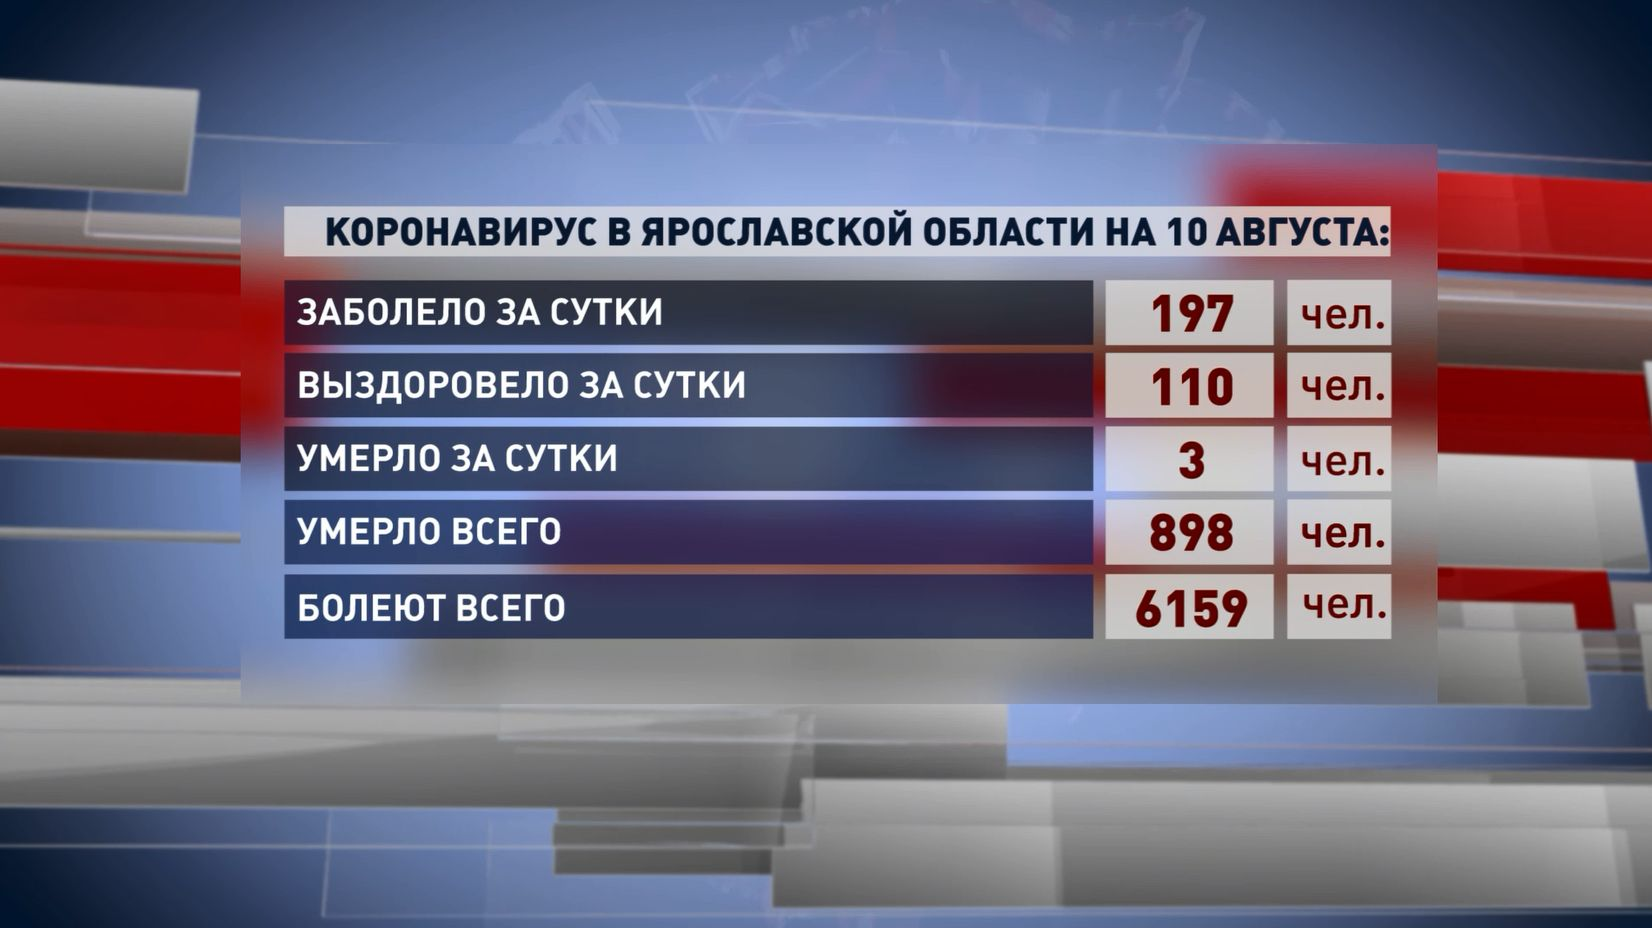 В Ярославской области за минувшие сутки коронавирусом заболели 197 человек